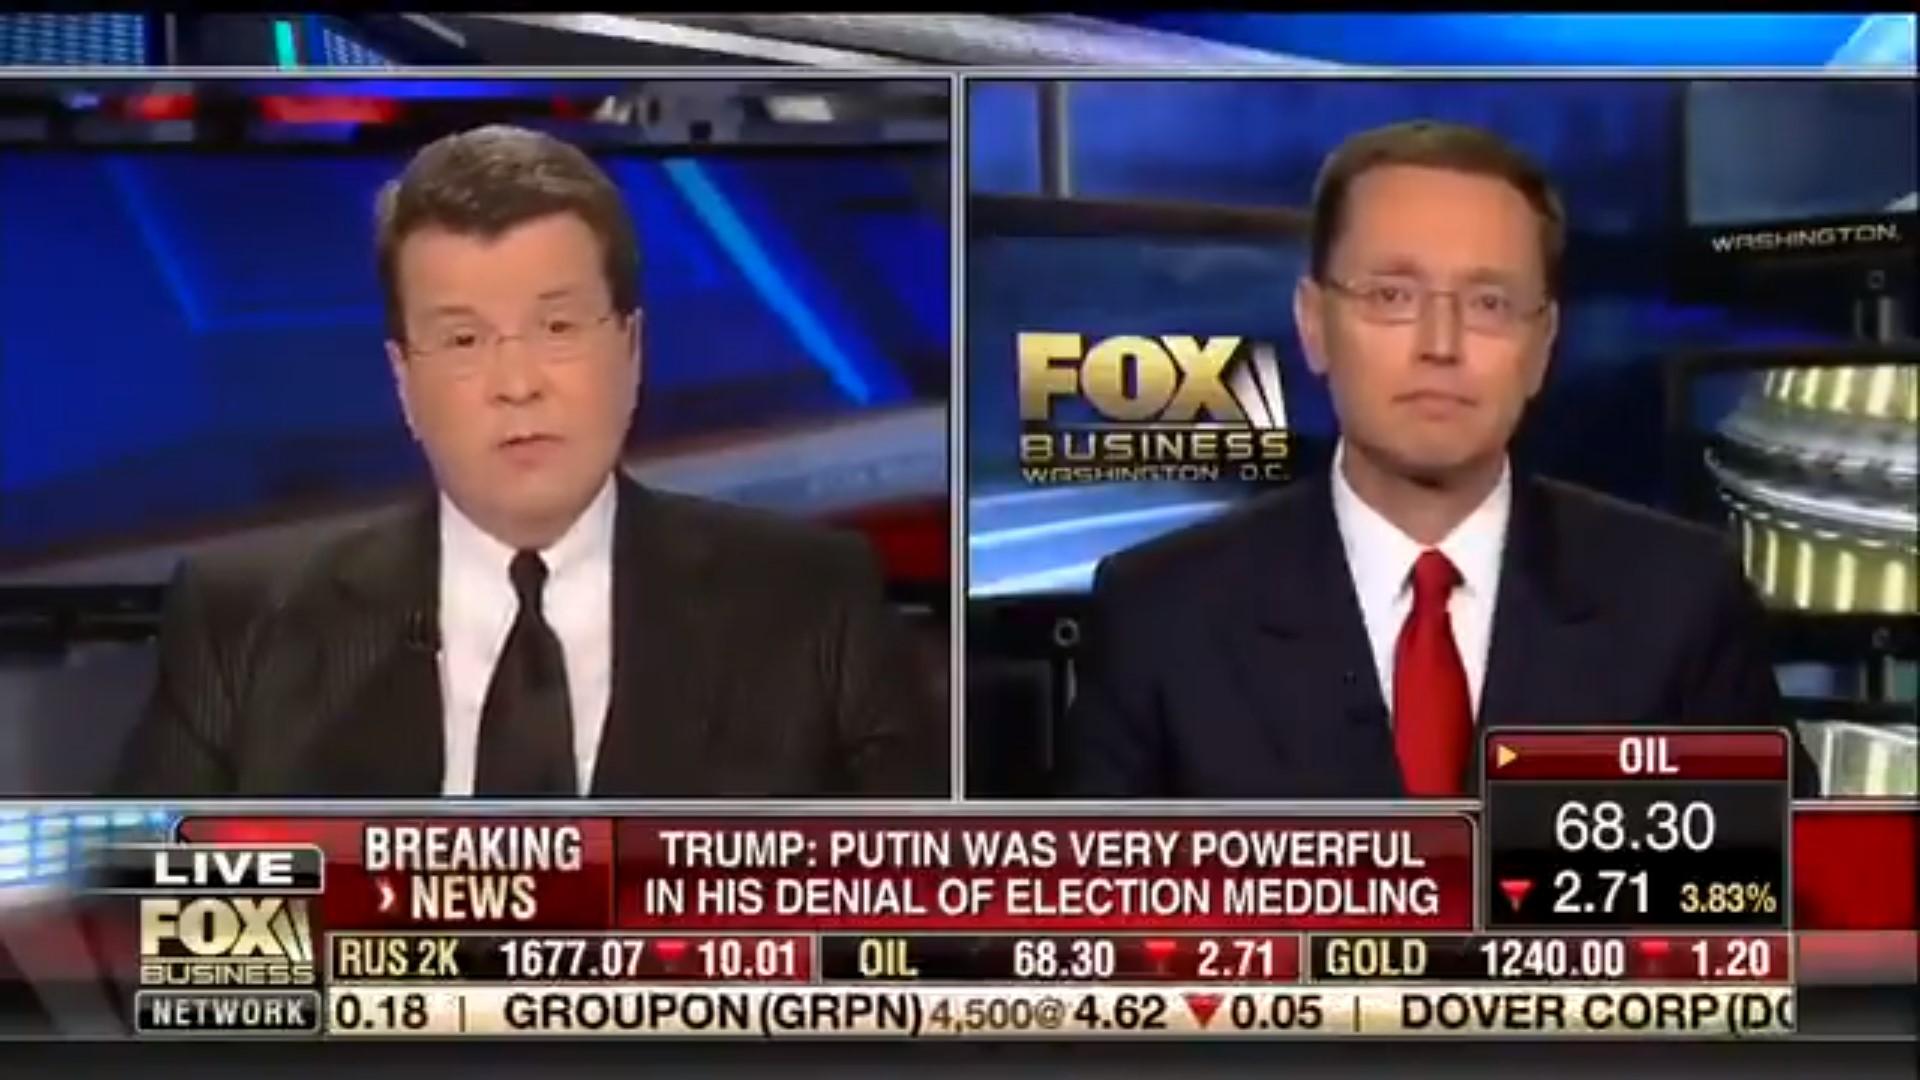 Fox's Neil Cavuto: Trump's Performance At Putin Presser 'Disgusting,' It 'Sets Us Back A Lot'